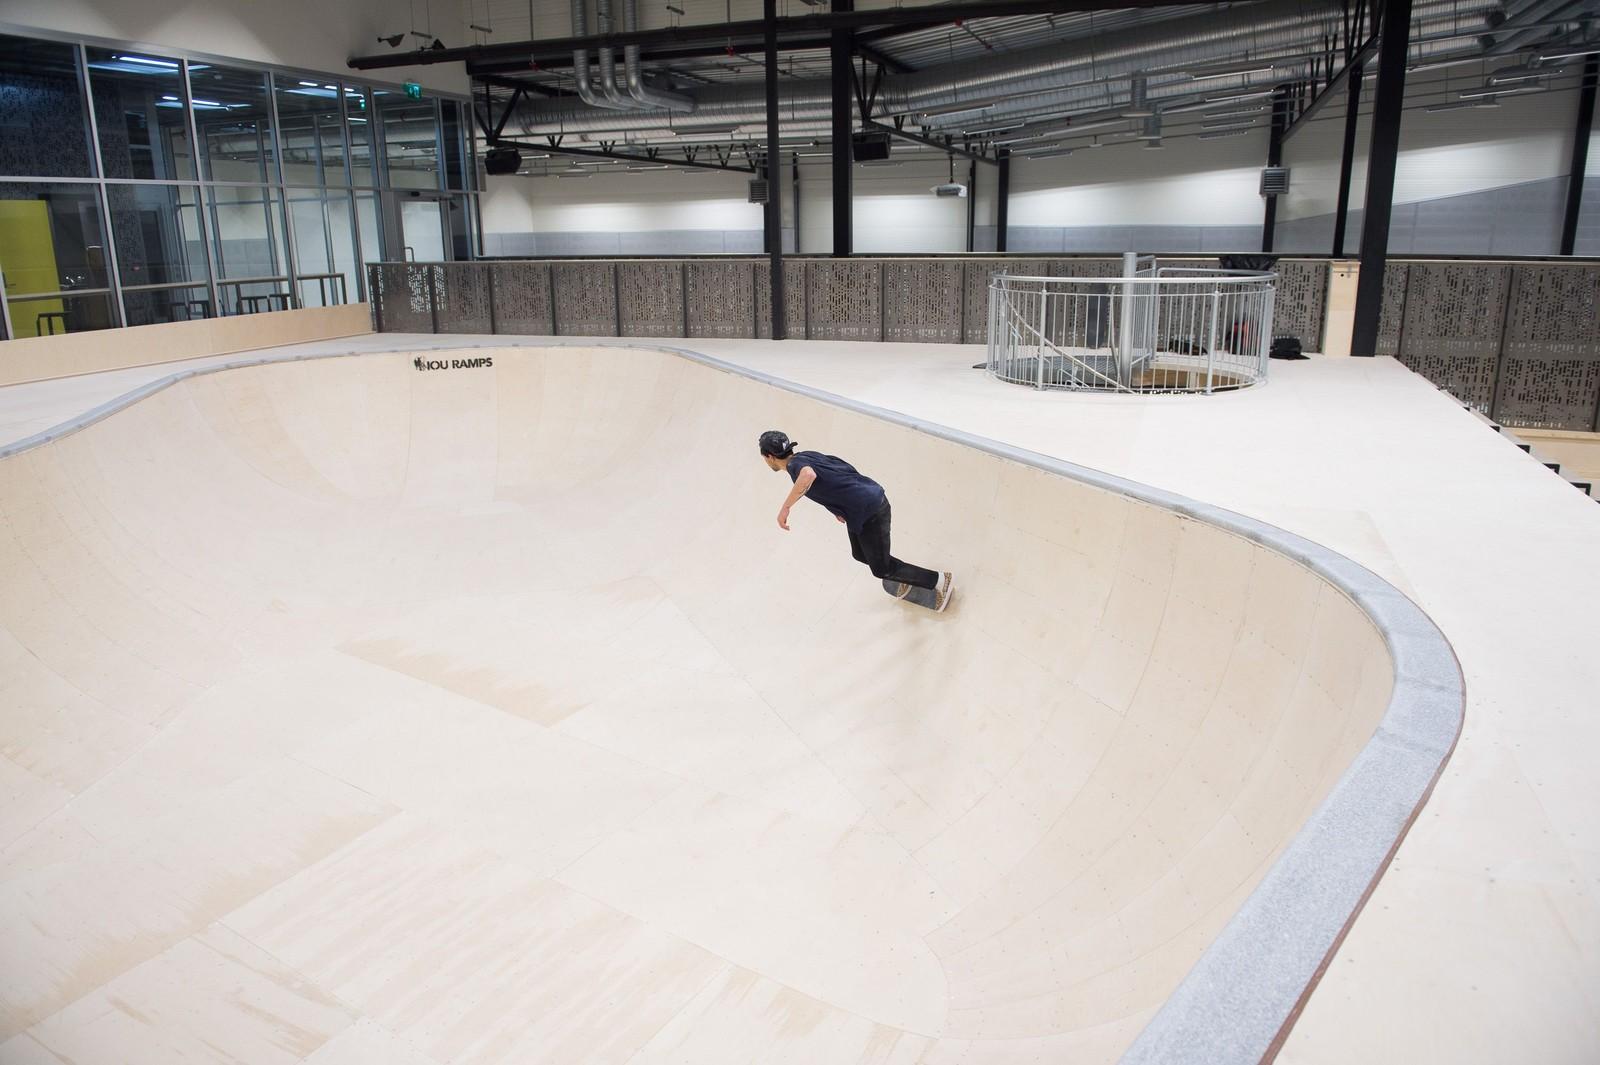 Oslo skatehall er først og fremst en brukshall for nybegynnere og proffe, men skal tilfredsstille internasjonale konkurransekrav og kan arrangere både nasjonale og internasjonale mesterskap.